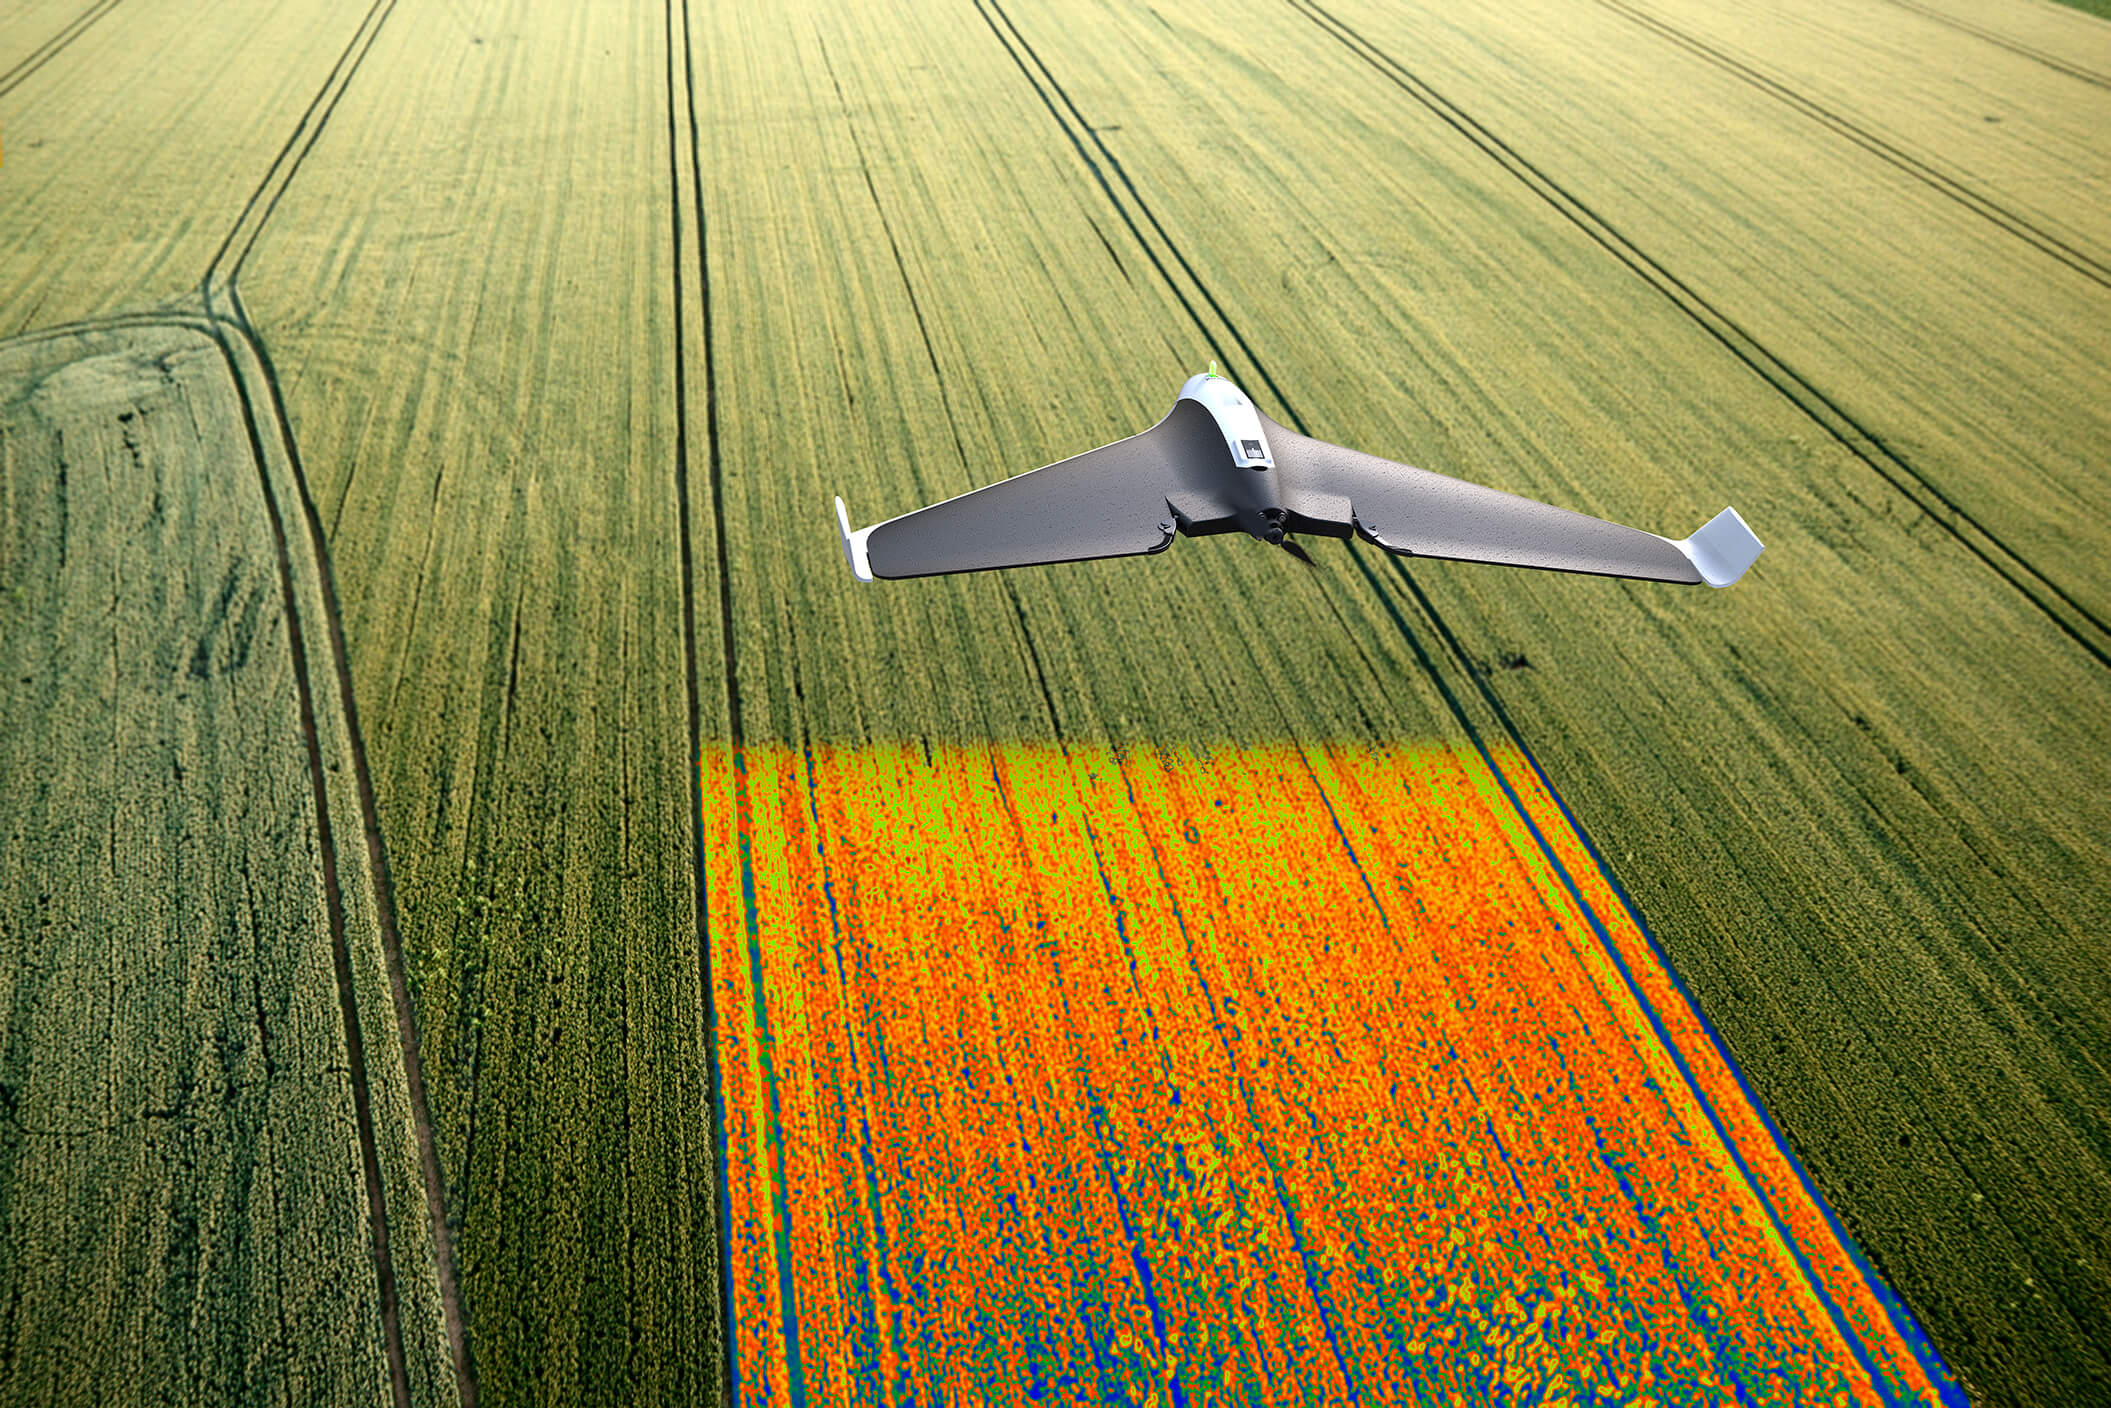 Melhores drones agricultura